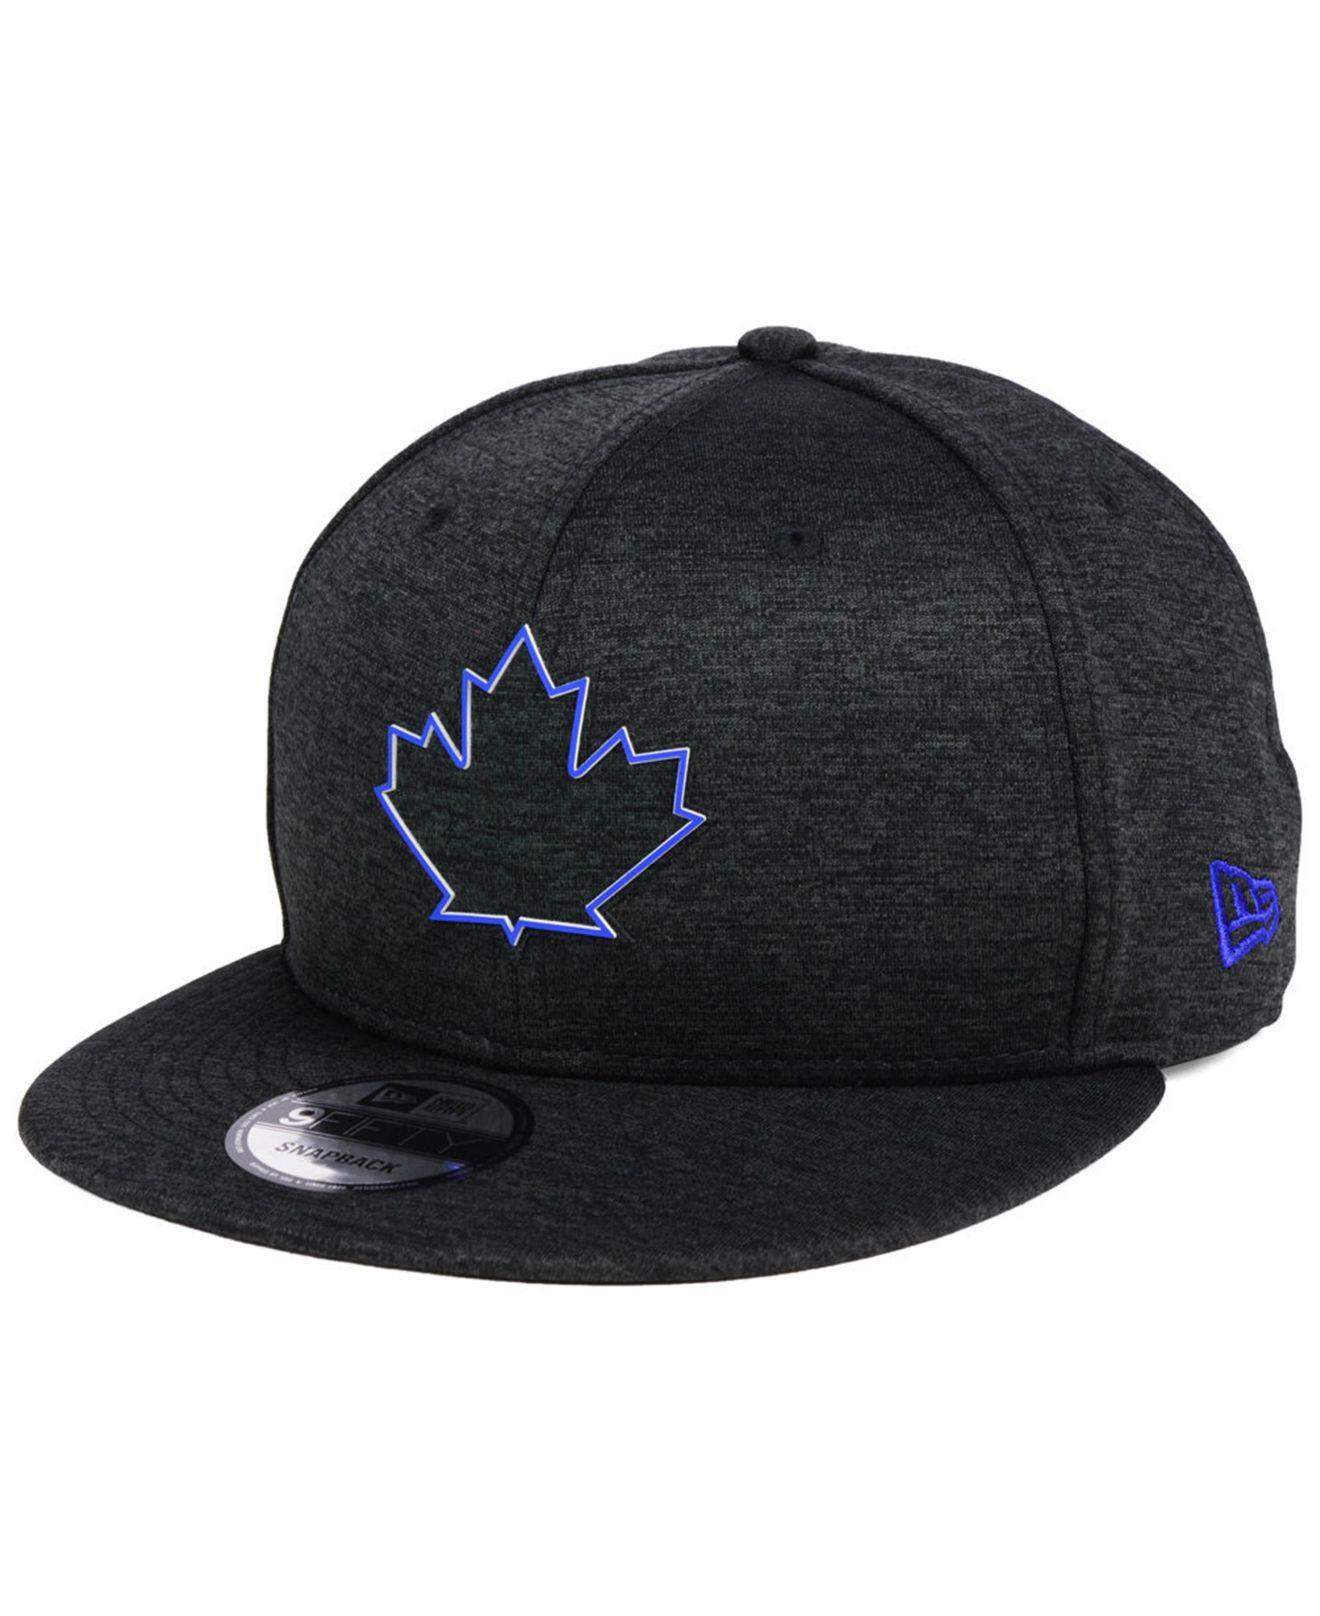 cd7af9e5447 Lyst - Ktz Toronto Blue Jays Clubhouse Jersey Pop 9fifty Snapback ...